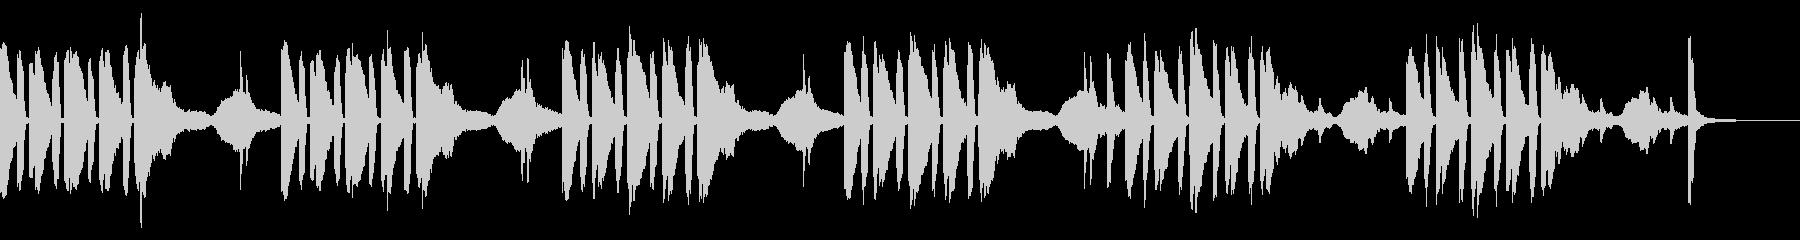 かわいいハロウィンのようなコミカルな曲の未再生の波形